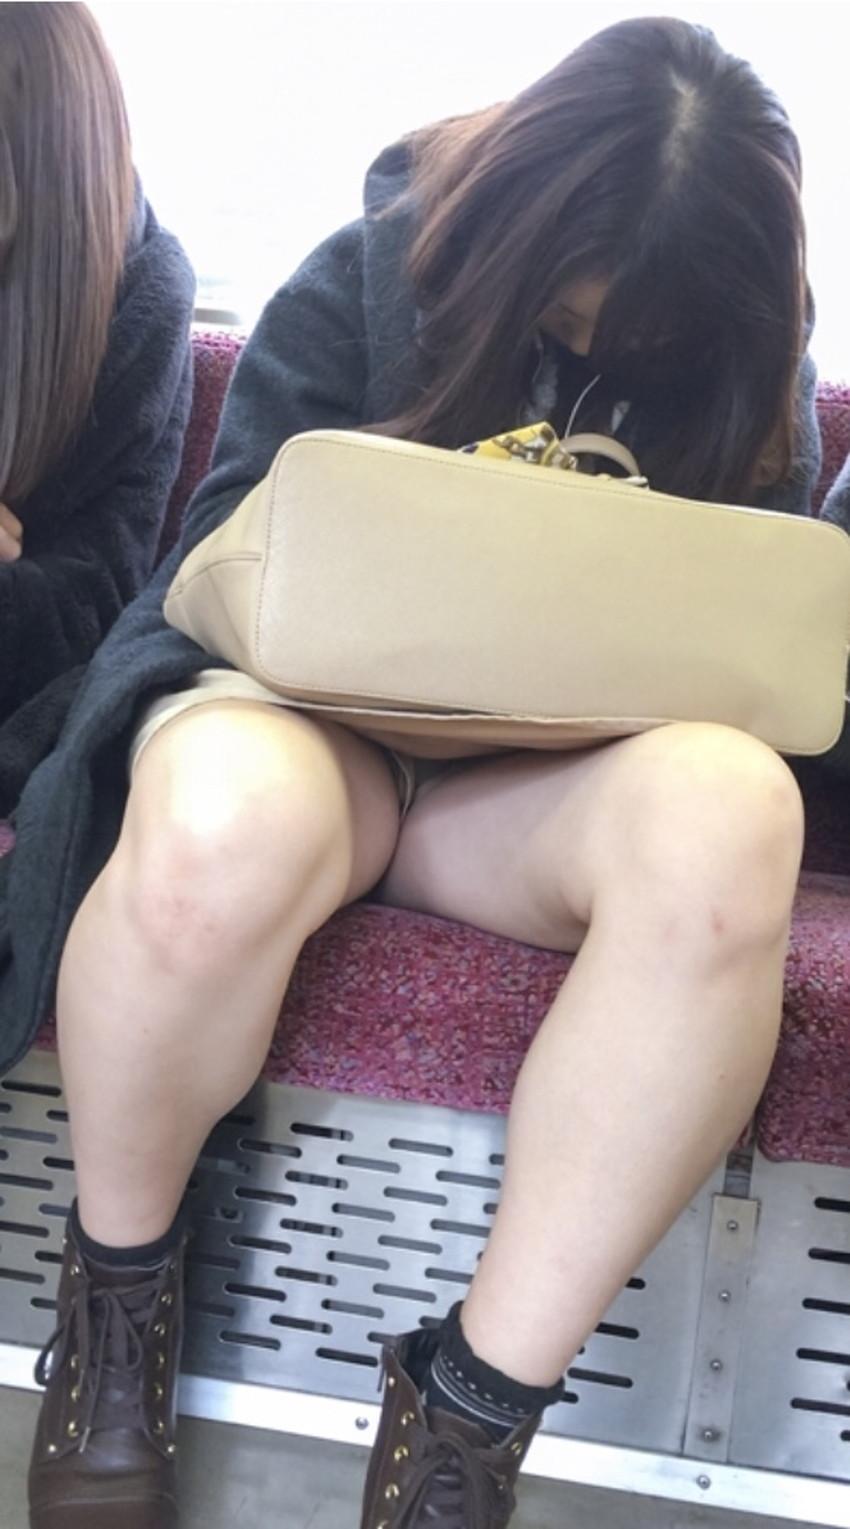 【居眠りパンチラエロ画像】居眠りOLが電車内でお股ユルユル!ww居眠り美女の無防備なパンチラを盗撮した居眠りパンチラのエロ画像集!ww【80枚】 42